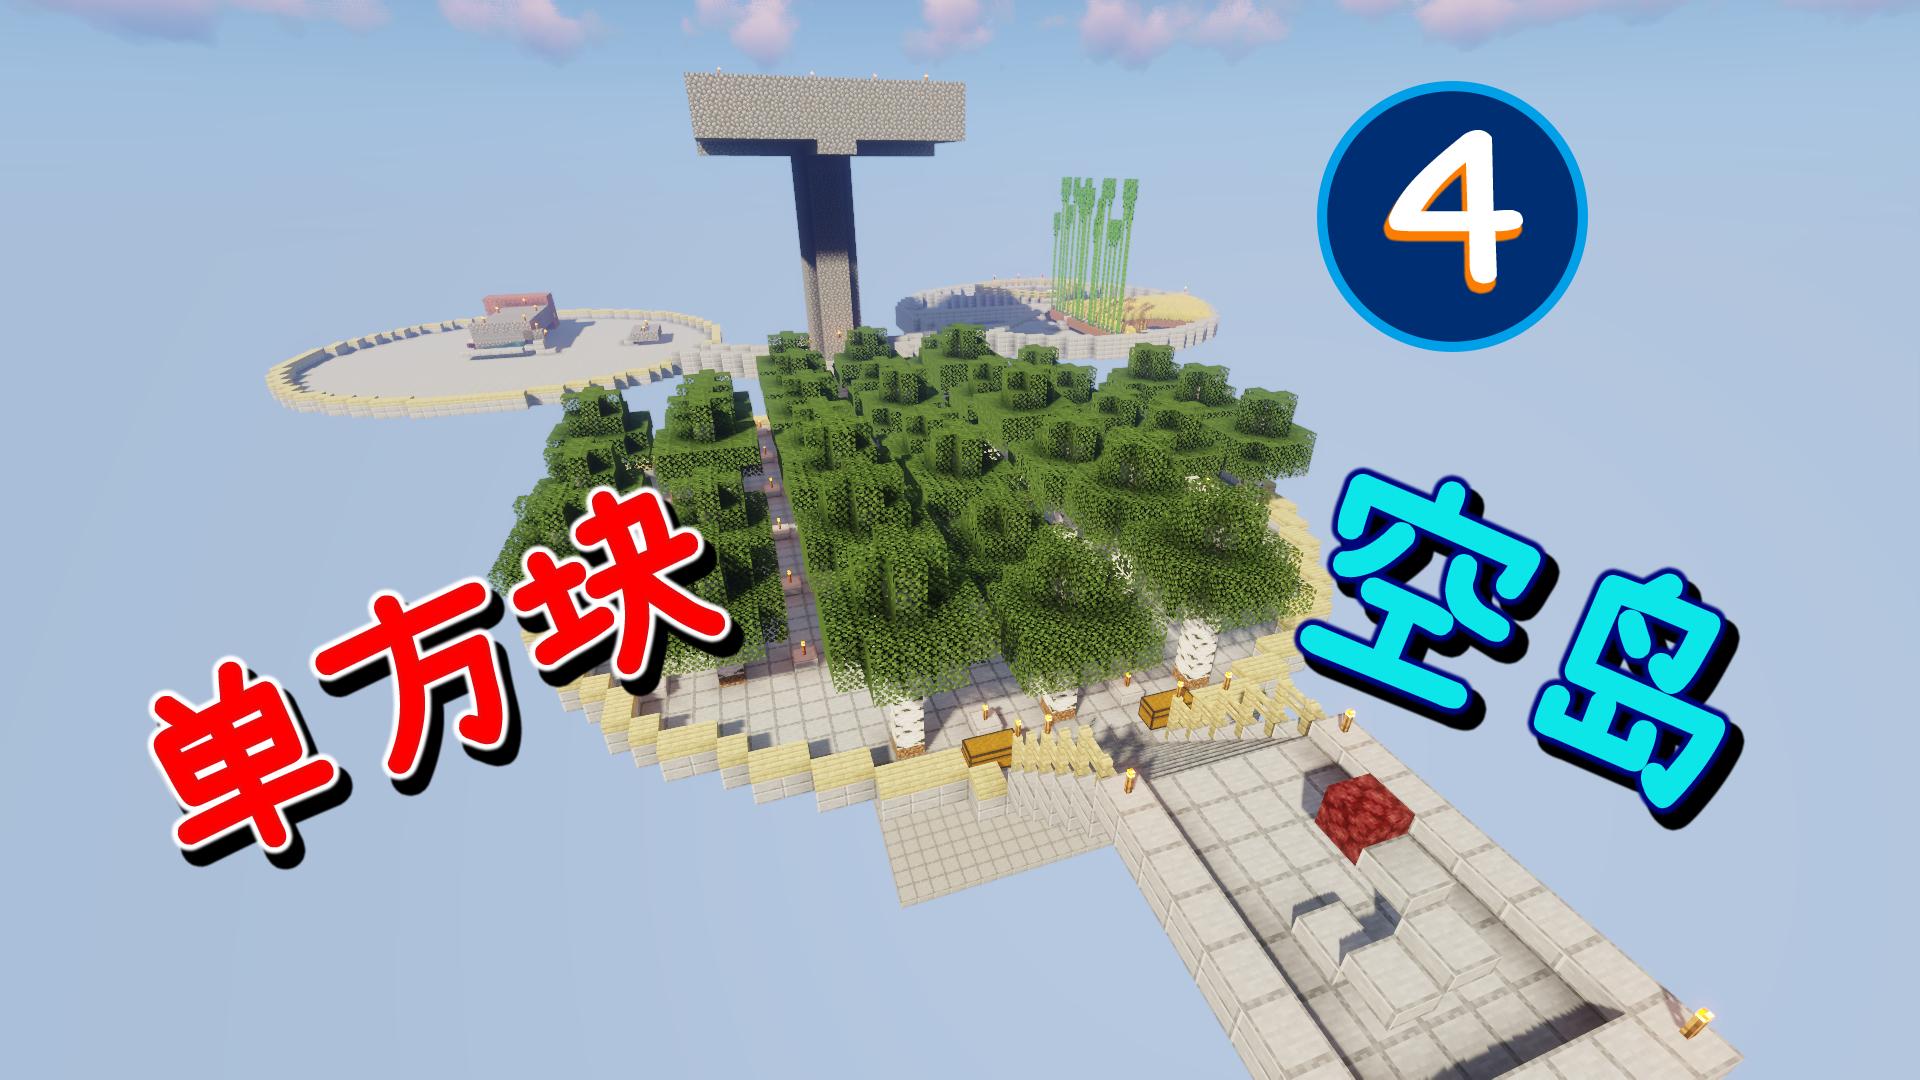 空岛的正中央,竖起了一个高效刷怪塔【我的世界单方块生存4】